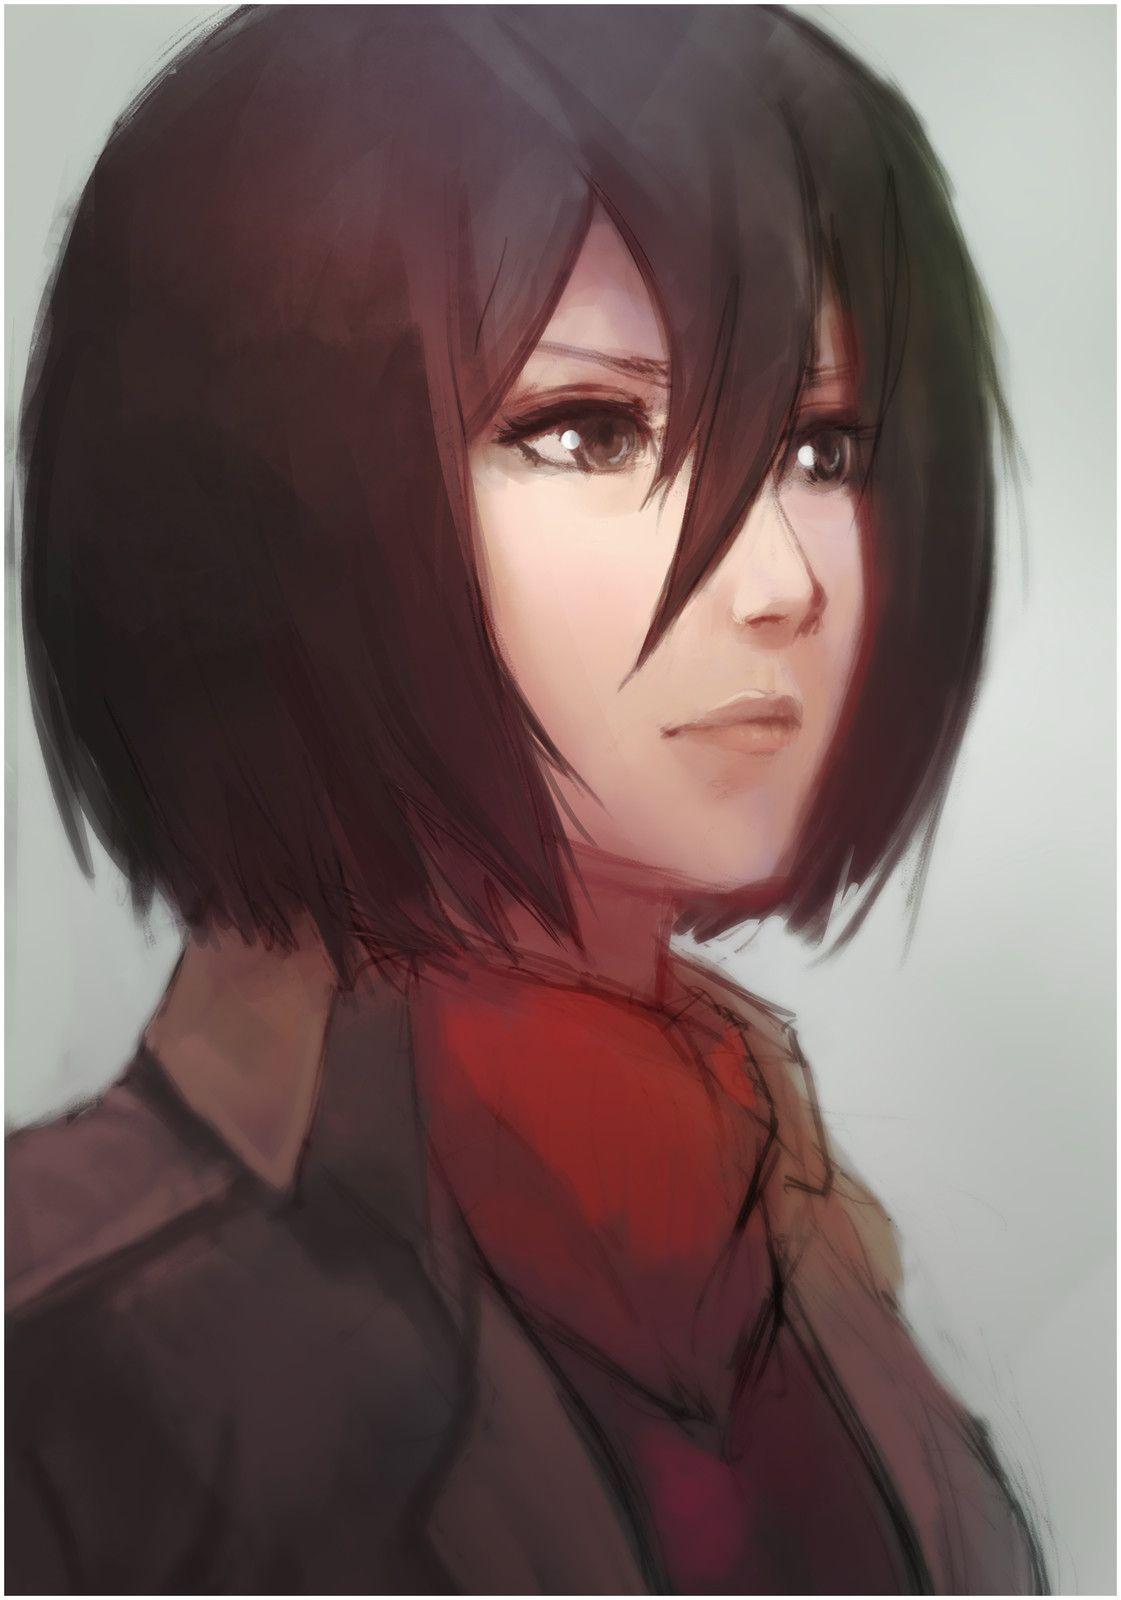 Pin by It's_Yã_bØY_DeMŌn( ᴗ ) on Mikasa (AOT)(´ω